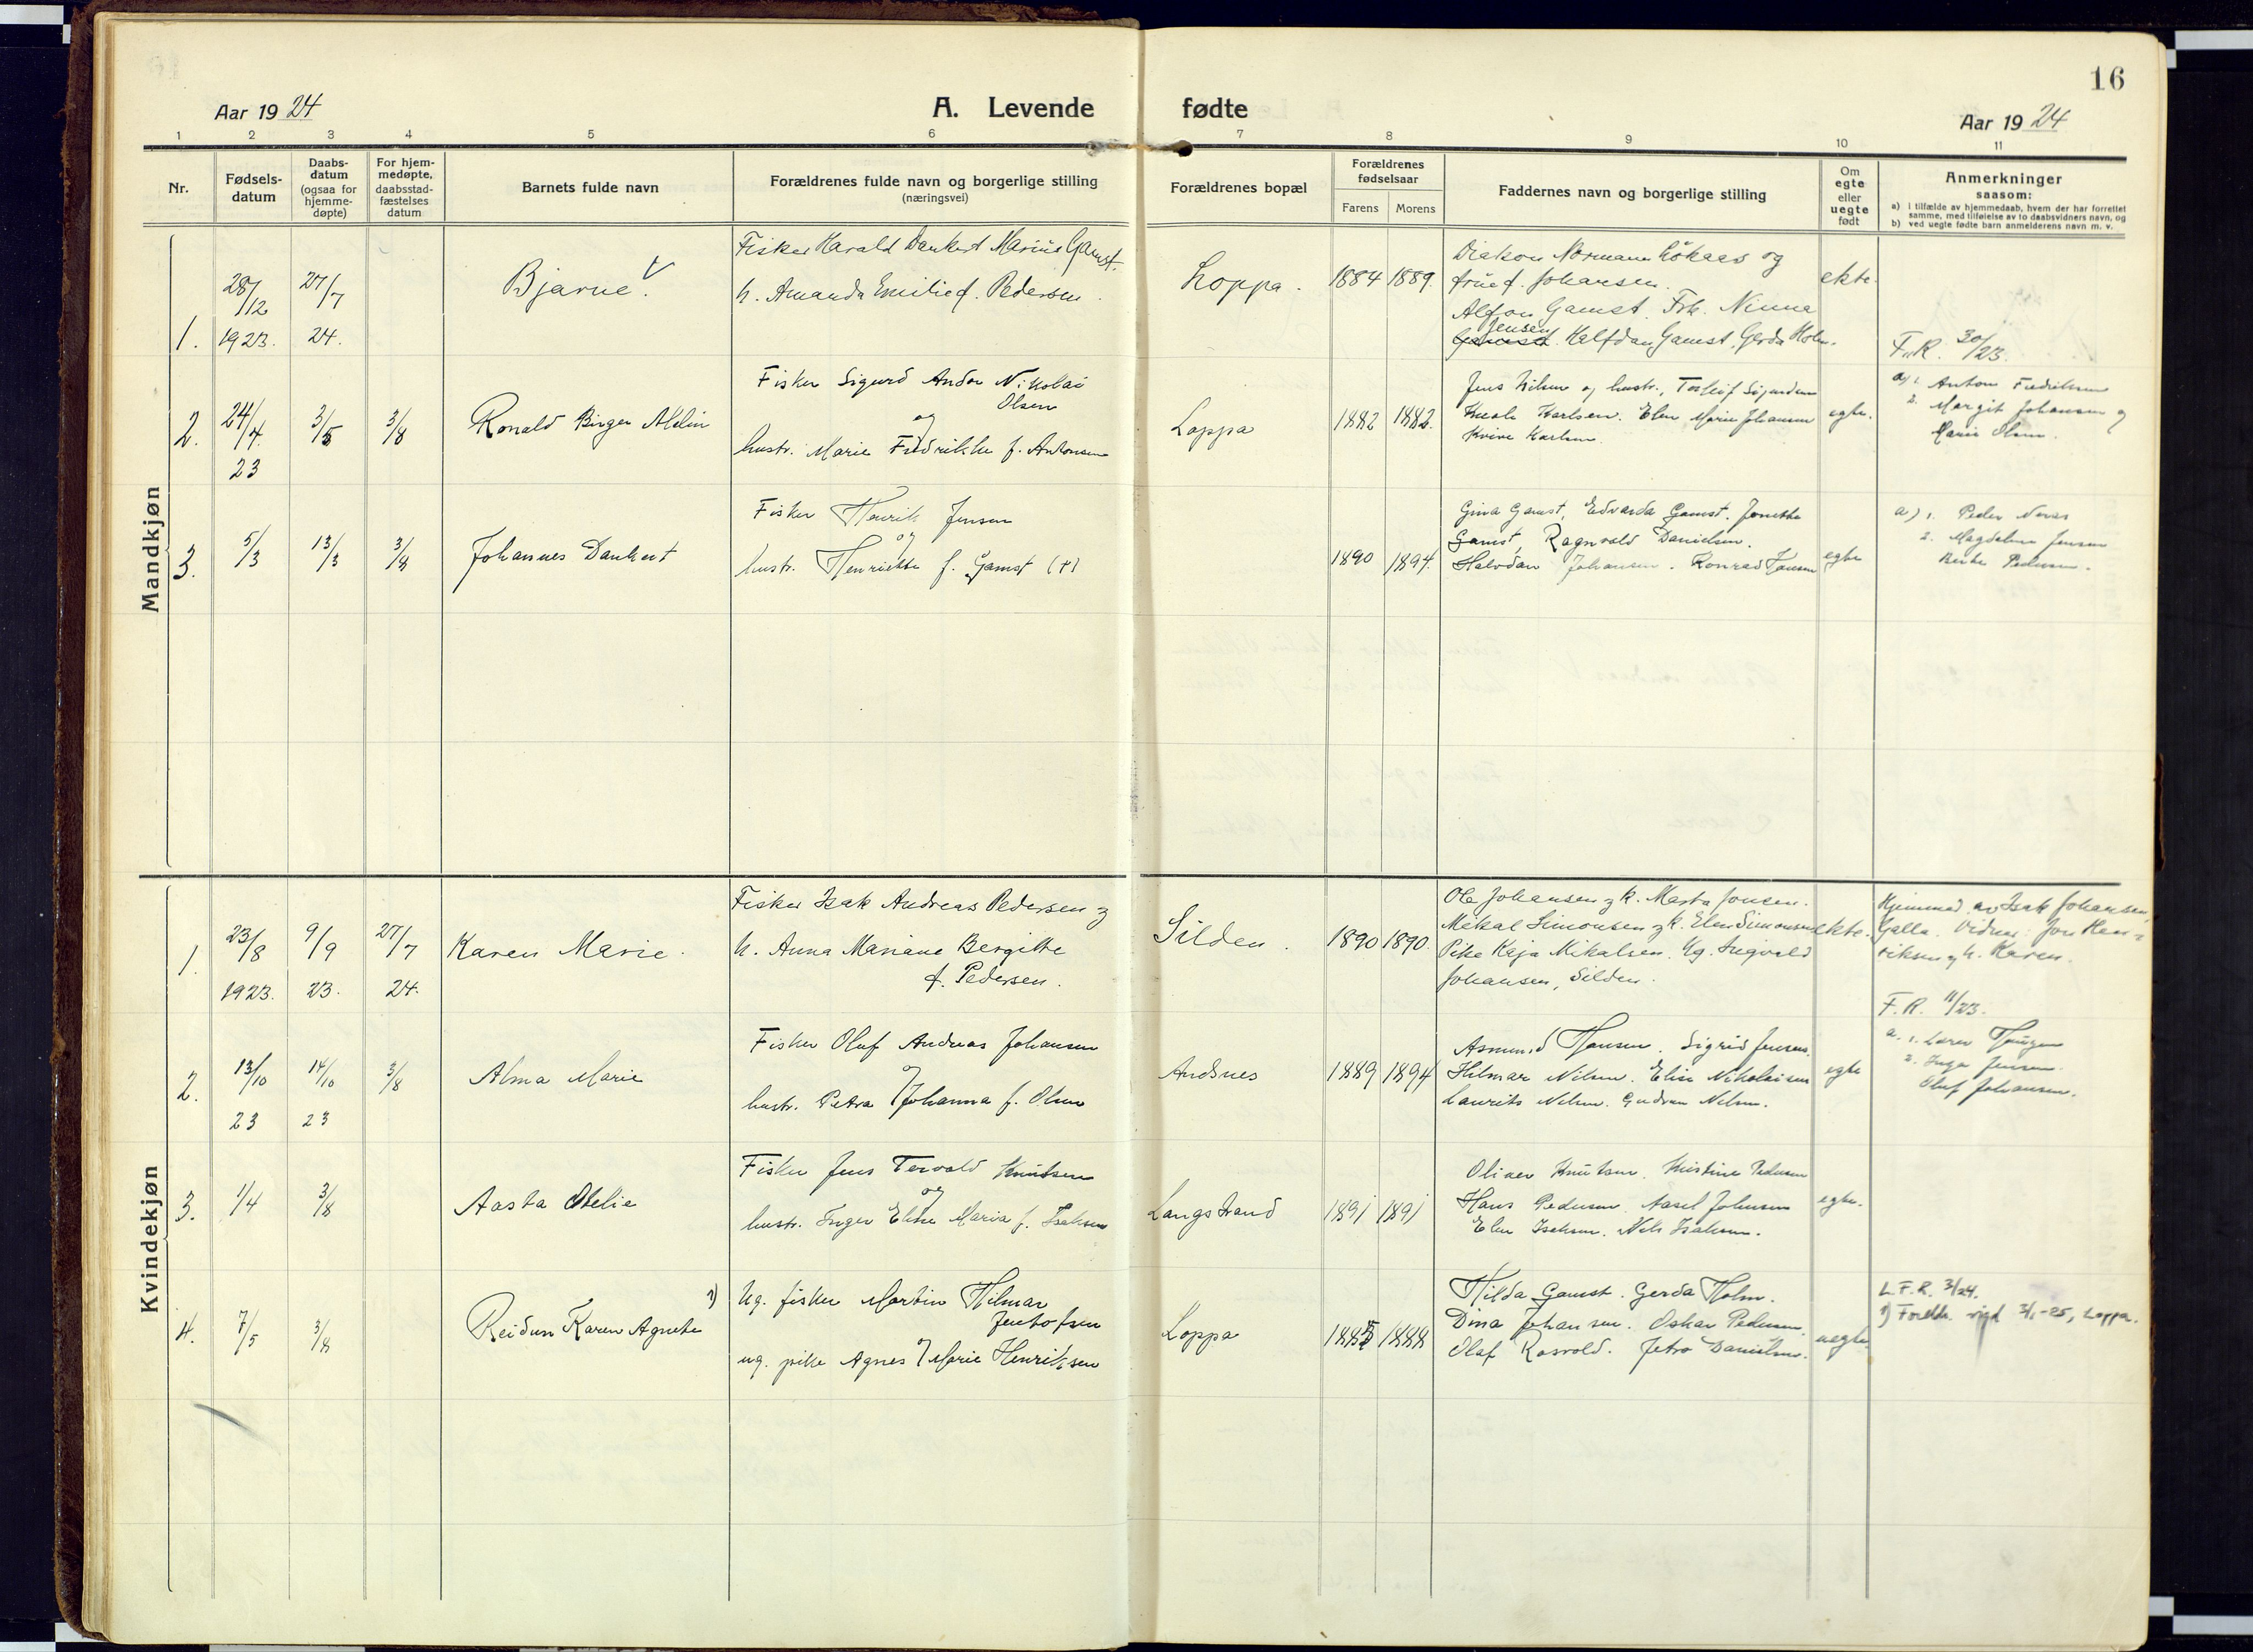 SATØ, Loppa sokneprestkontor, H/Ha/L0013kirke: Ministerialbok nr. 13, 1920-1932, s. 16